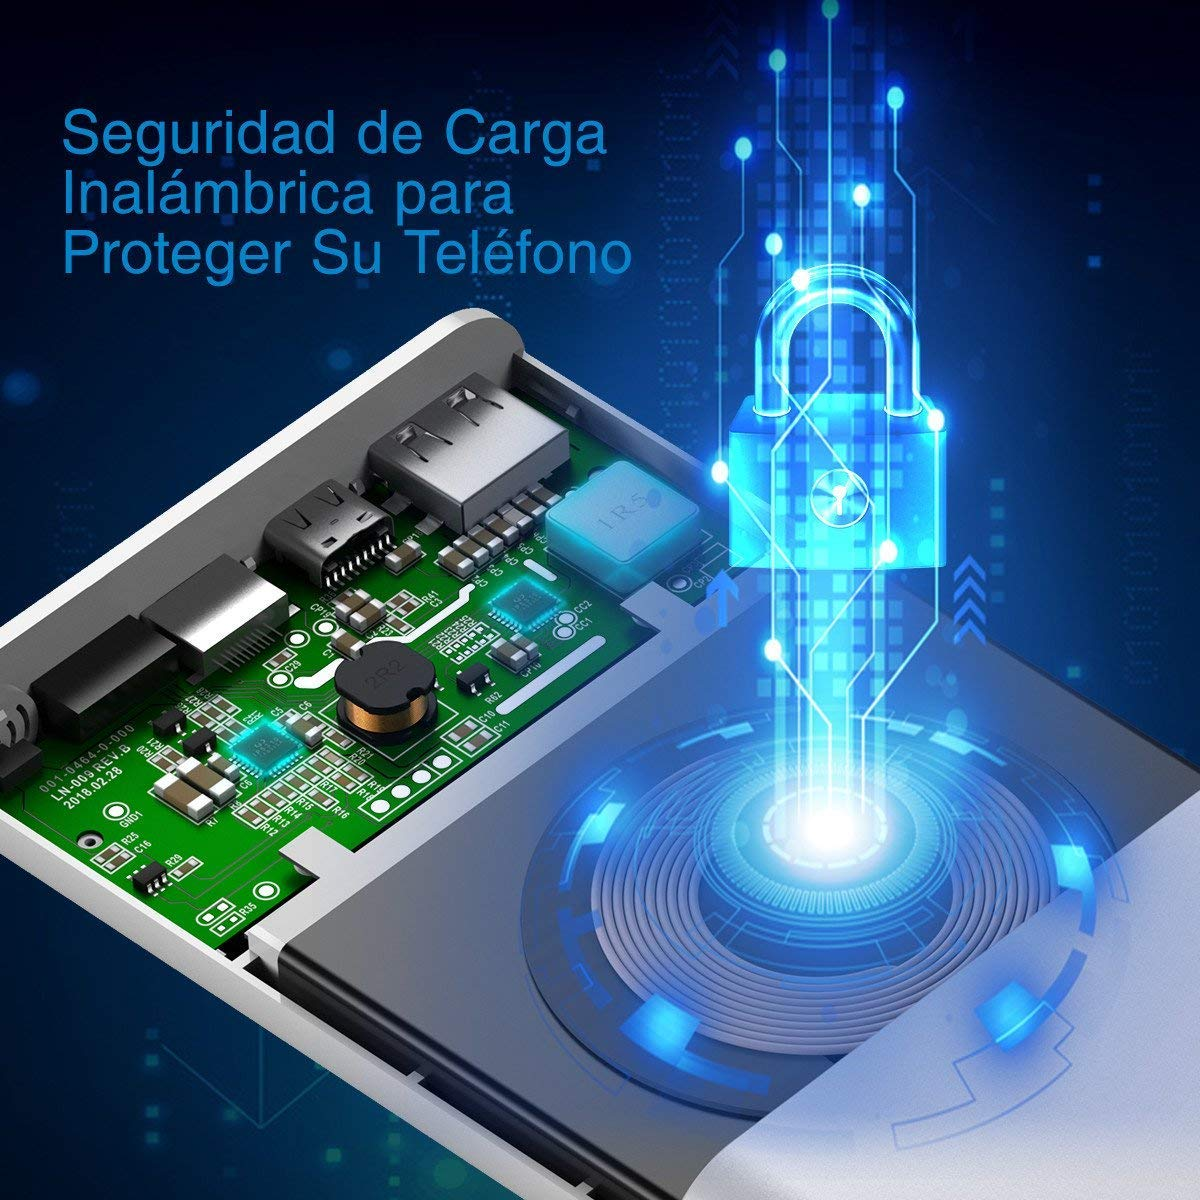 Poweradd Cargador Inalámbrico Power Bank de 10000mAh Batería Externa, Dos Maneras de Entrada de Lightning y Type-C, Diseñado para iPhone X, iPhone 8, iPhone 8 Plus, Samsung Galaxy S8/Note 8 - Argentado